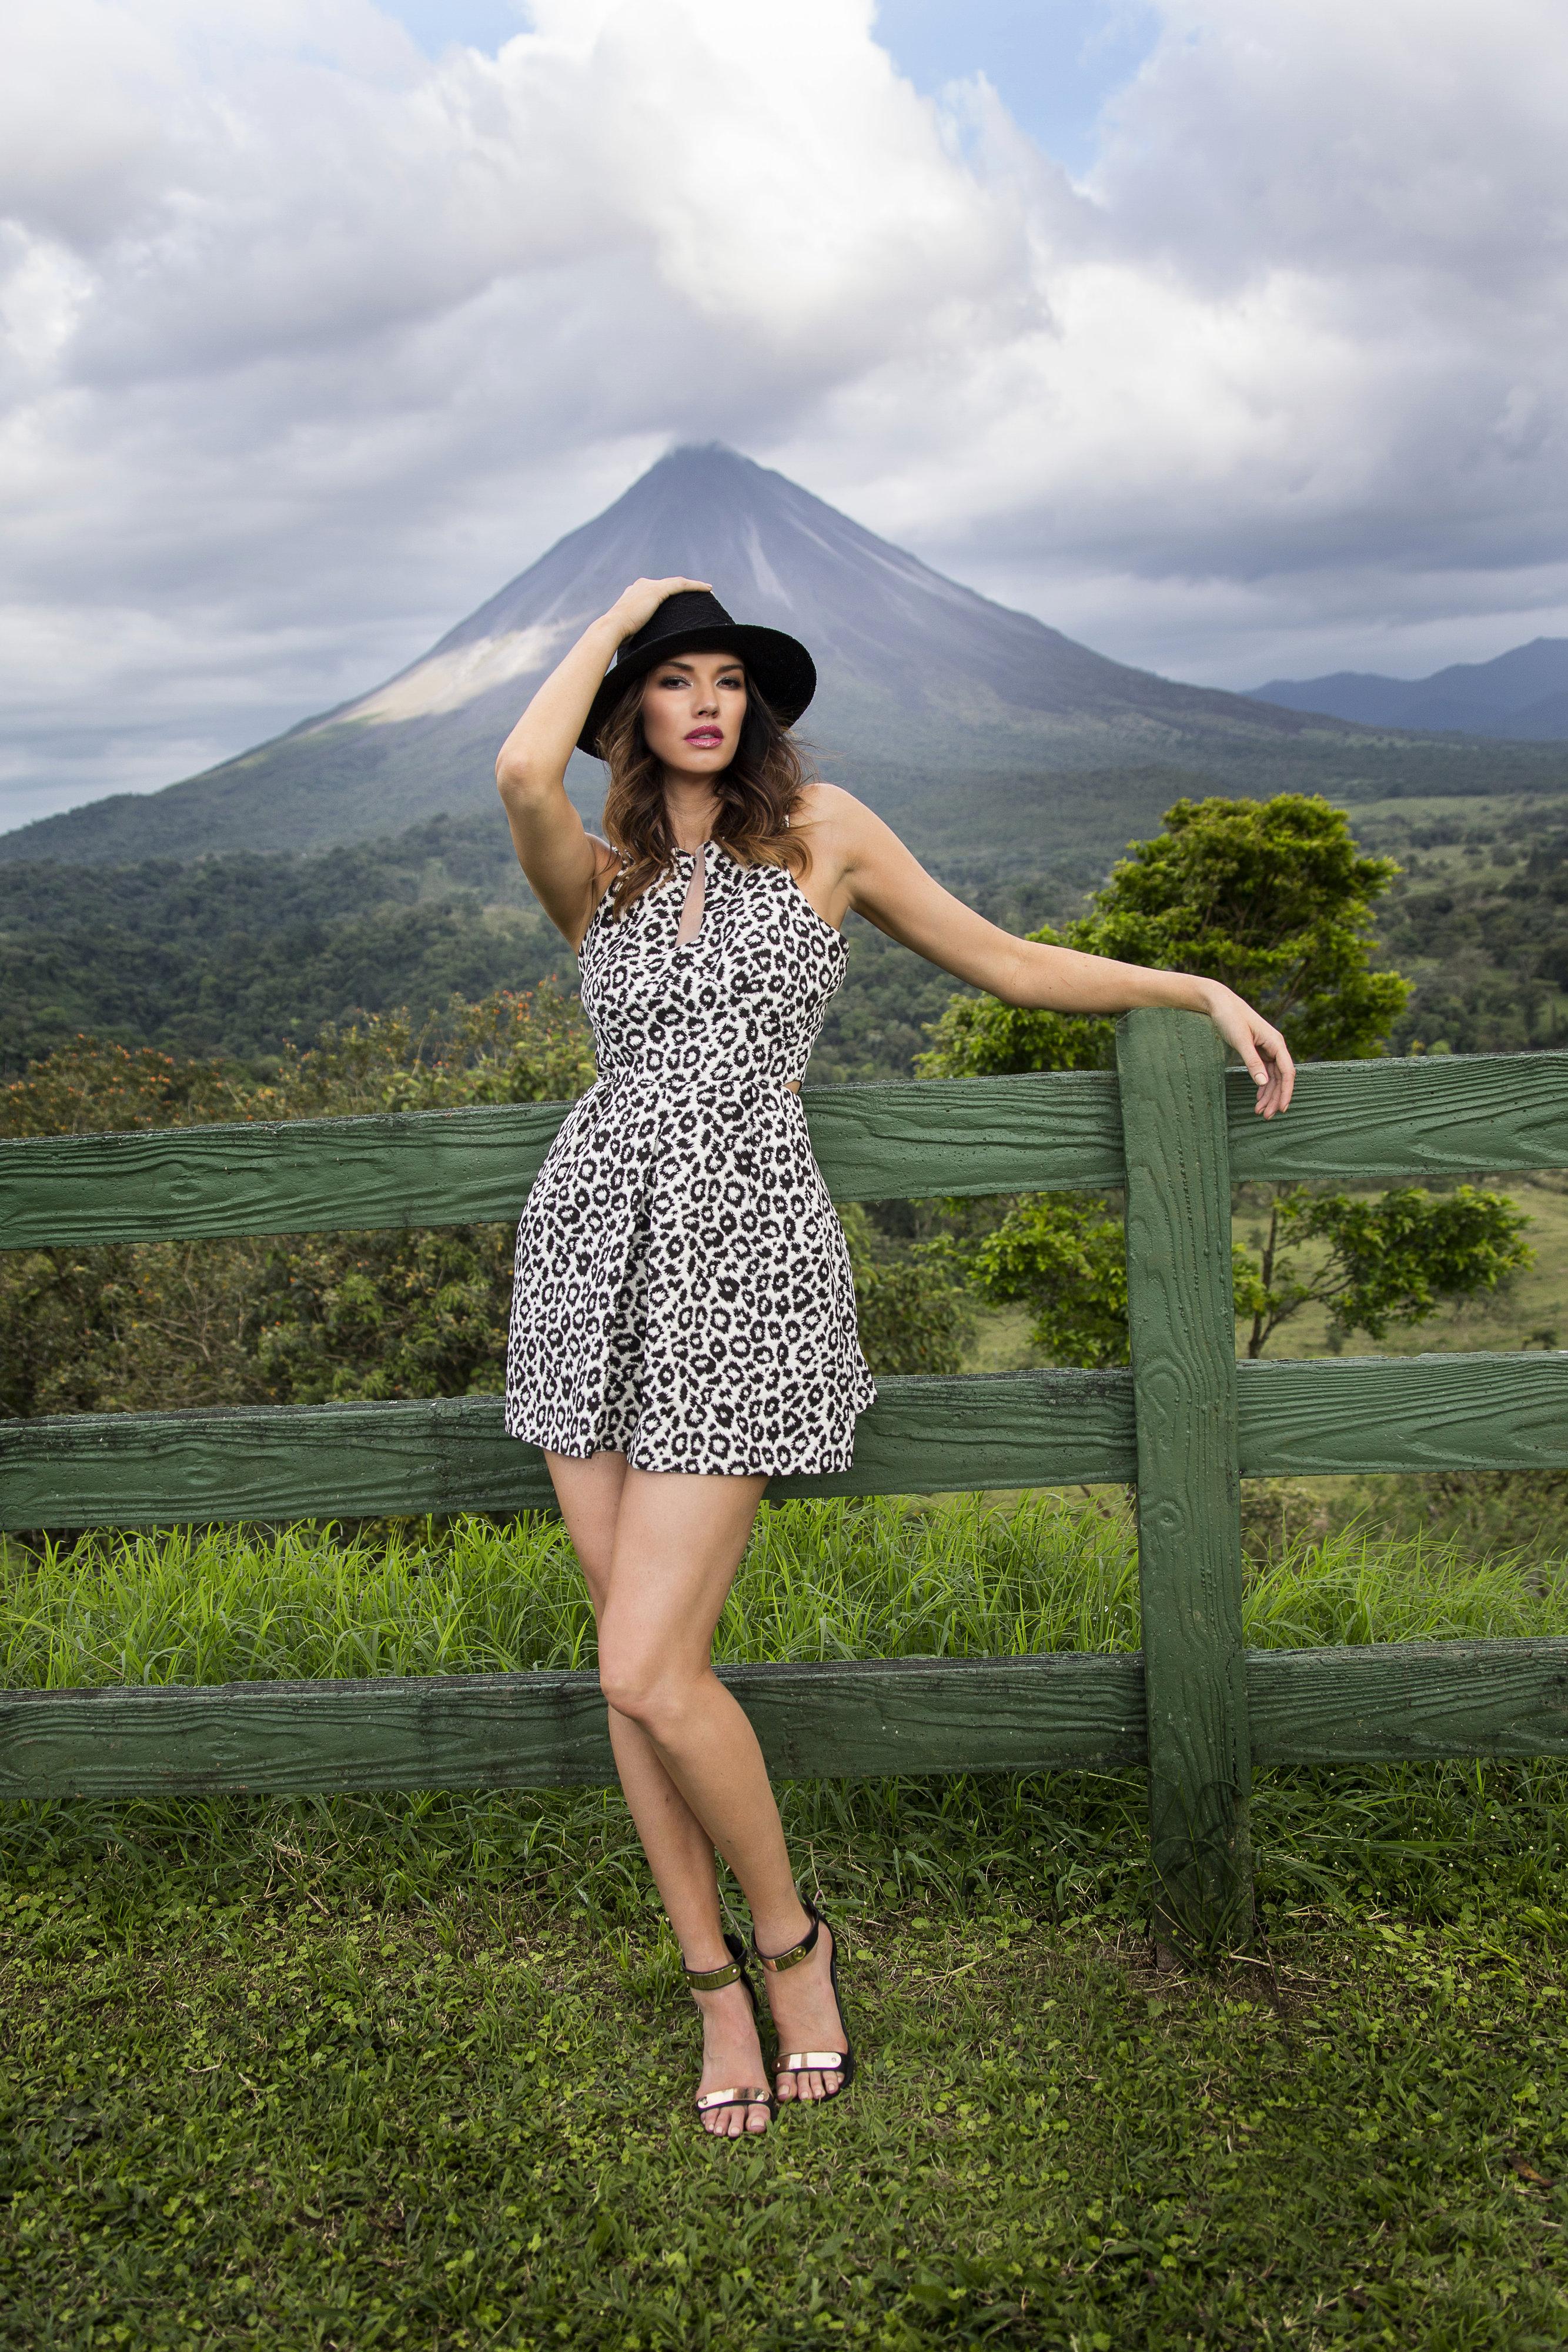 ANTM Brit in Costa Rica